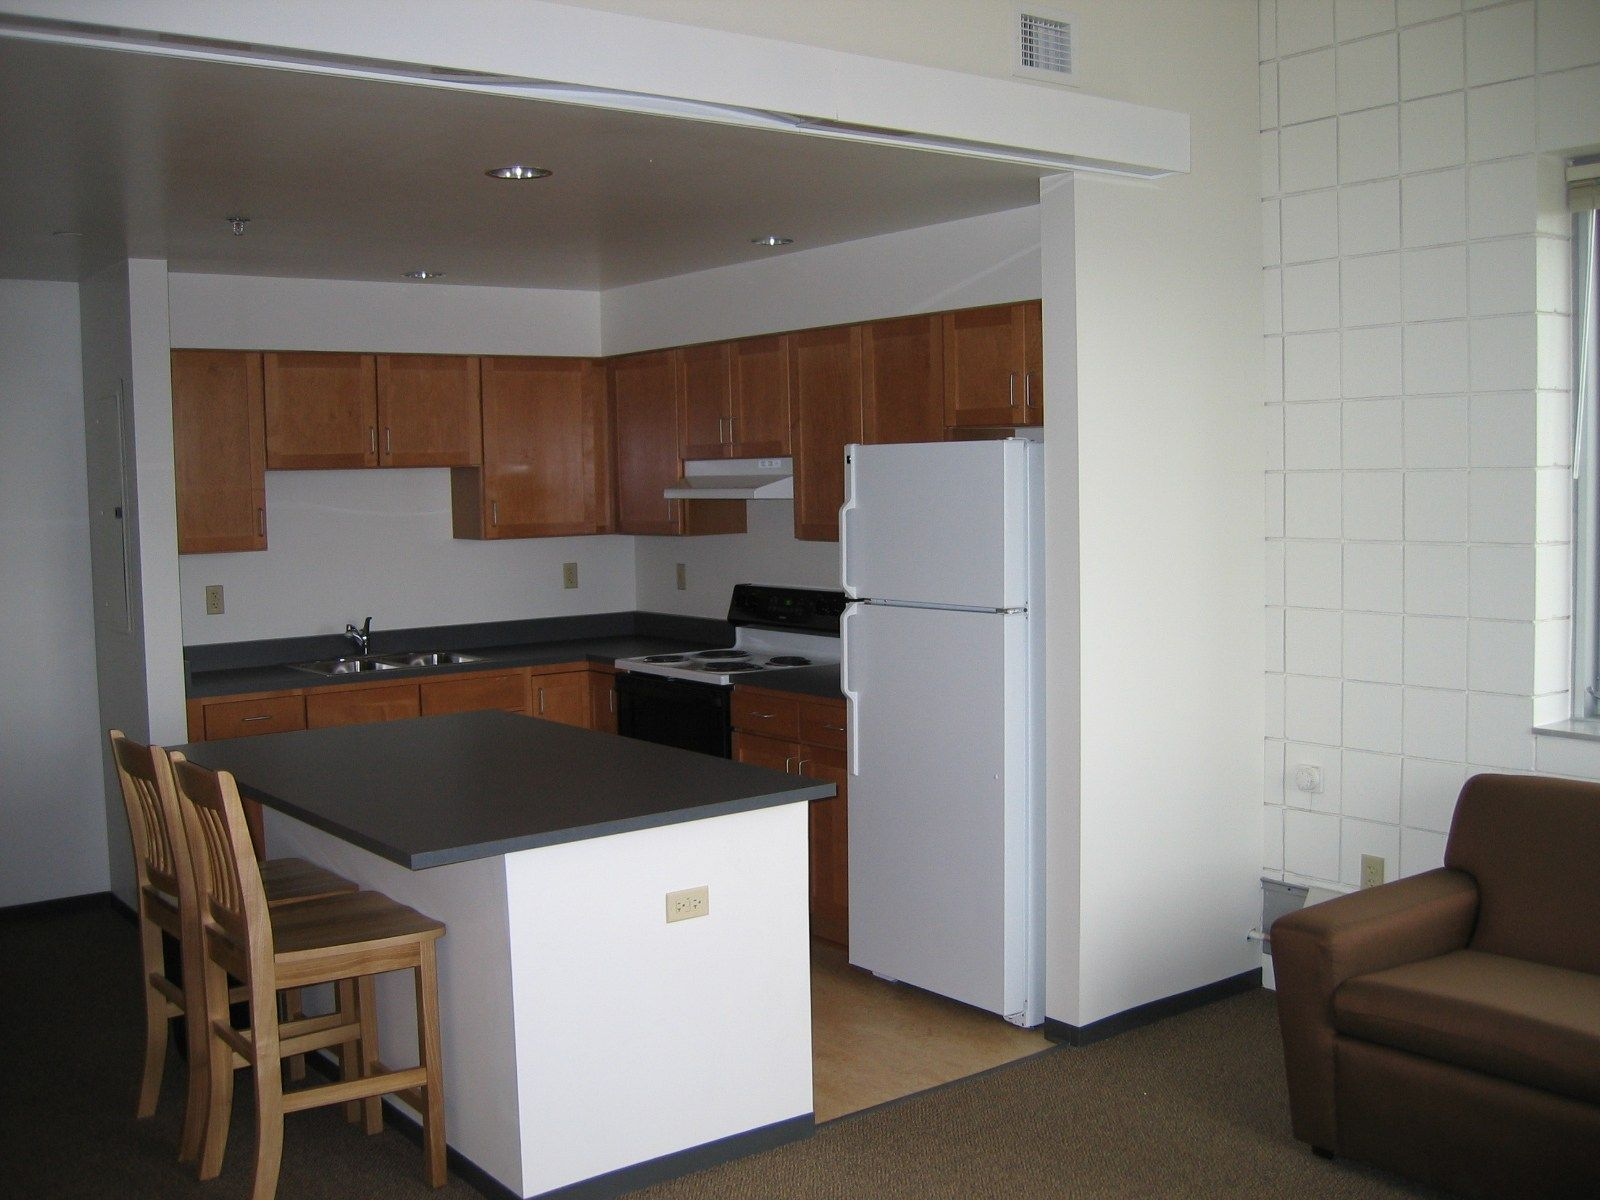 38 Idea Dekorasi Dapur Untuk Apartment Dan Kondominium Yang Kecil Dan Comel Galley Kitchen Design Small Kitchen Bar Small Galley Kitchen Designs